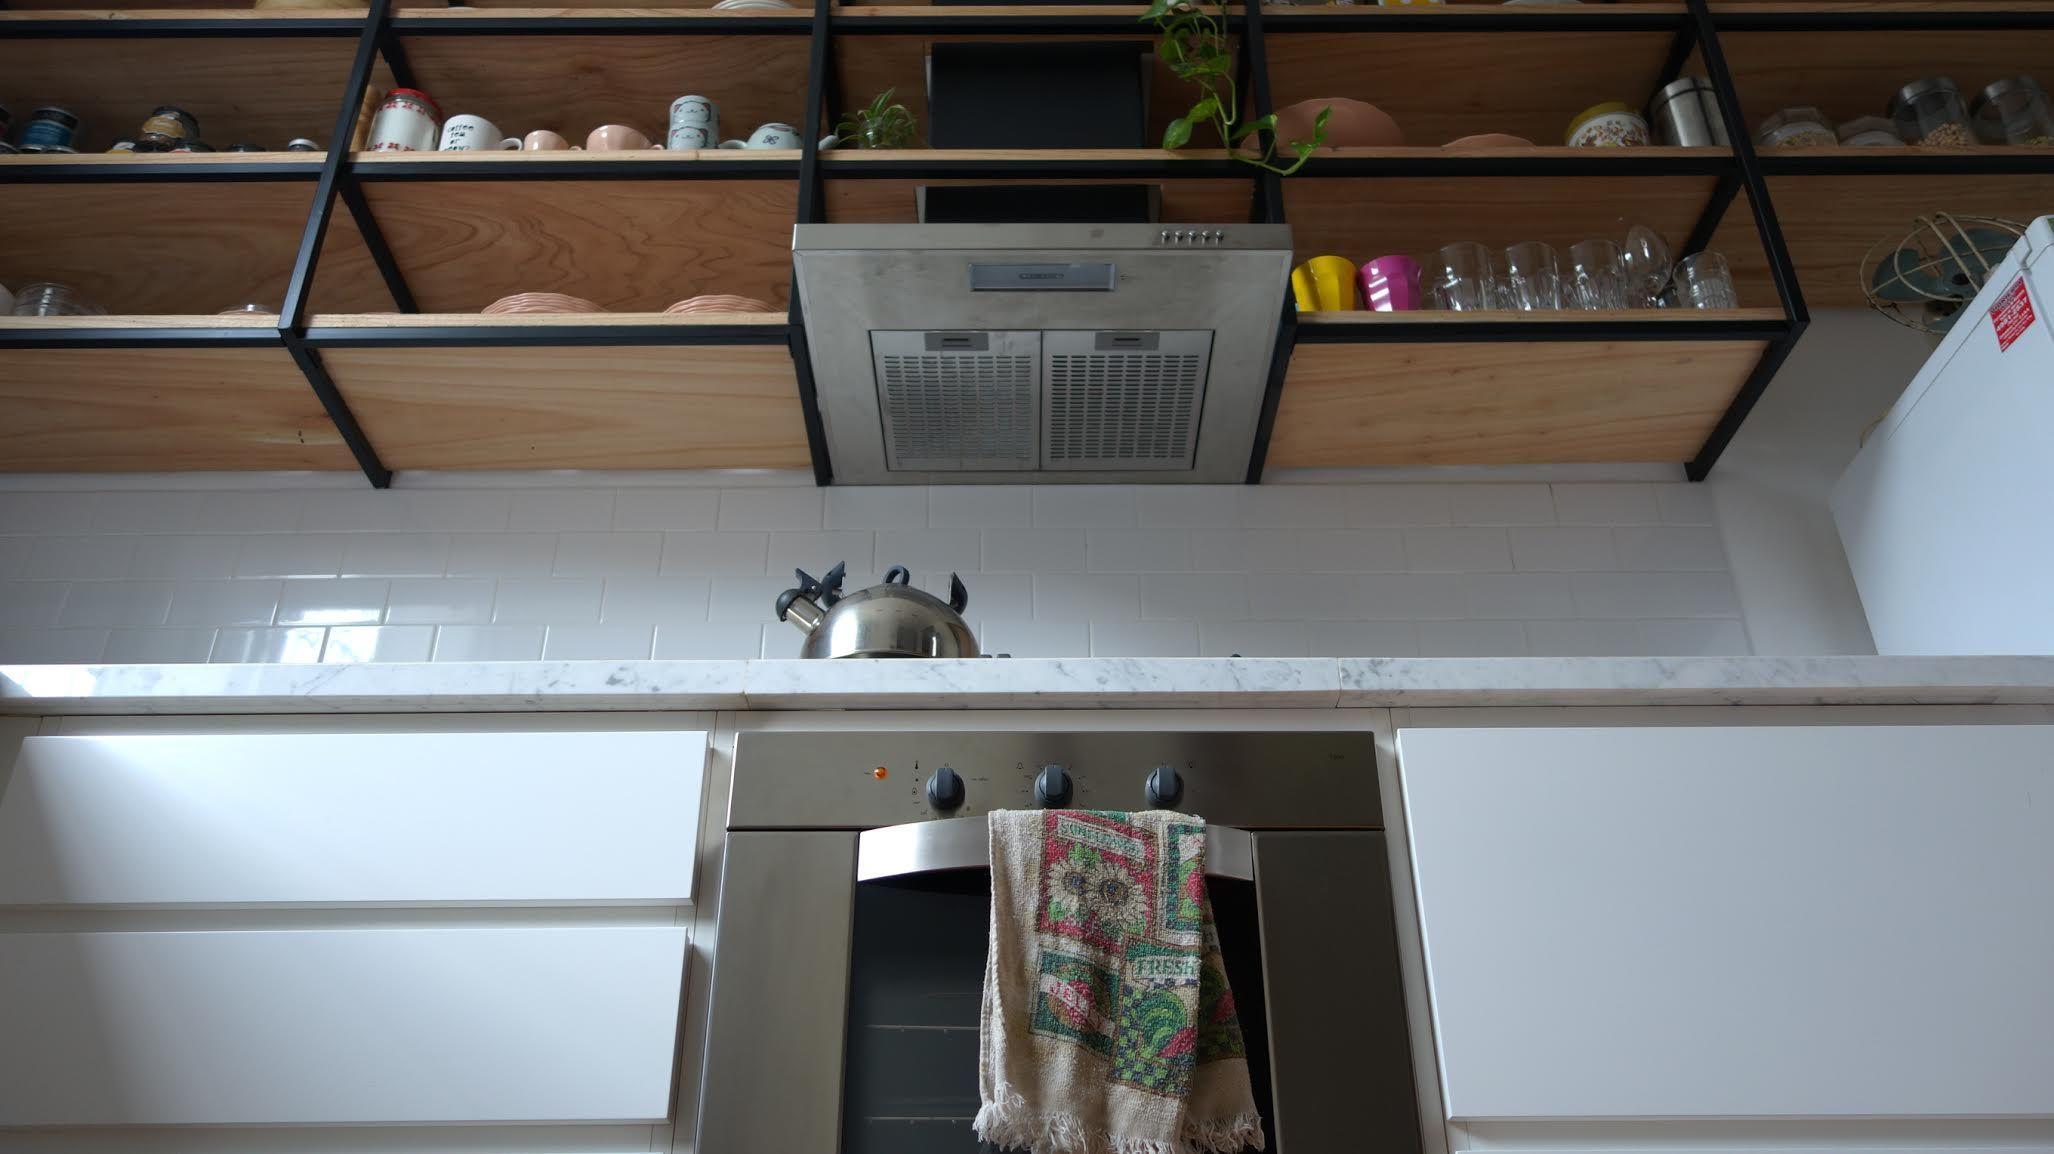 Coordinar gabinete de la cocina piso de madera de color - Cocina Con Piso De Madera Mesada De Carrara Muebles Laqueados Y Alacena Colgante Con